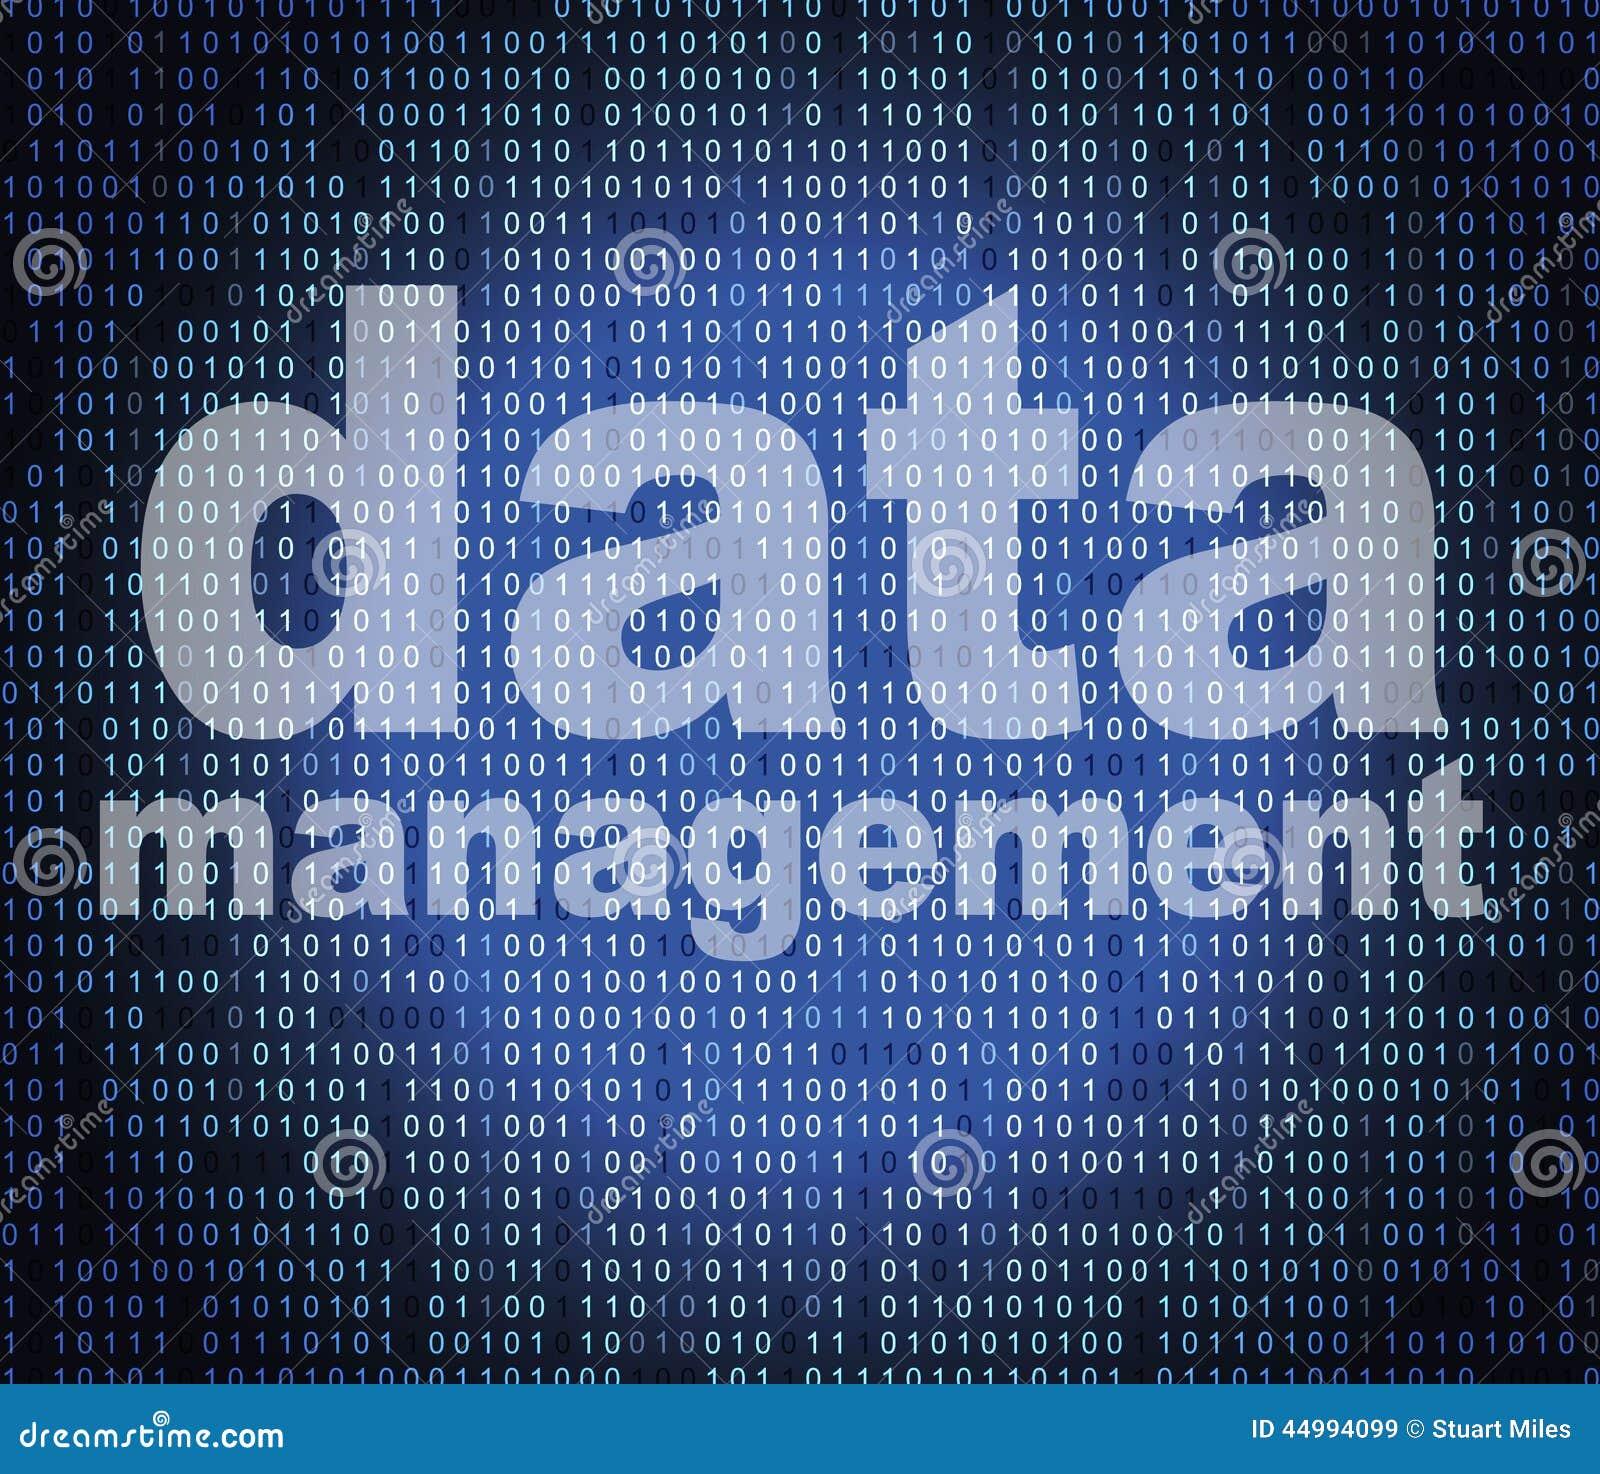 Ledningdata betyder direktörsbefattningorganisation och kunskap